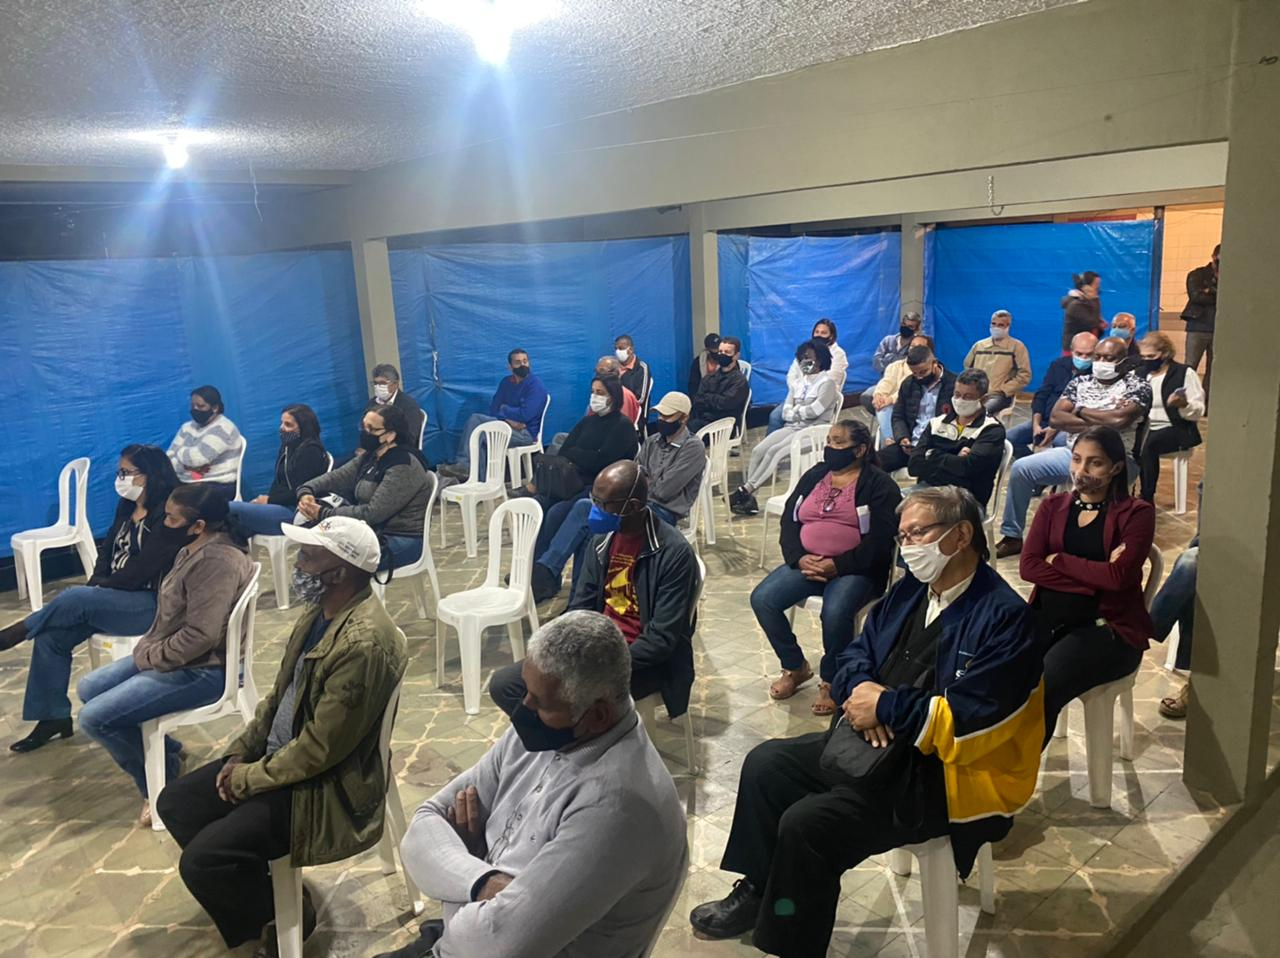 Quatro moradores da região dos bairros Bela Vista e Nova Vista fazem parte do Comitê para discutir descomissionamento da Barragem do Pontal (Foto: Coord. Com. Social - PMI)